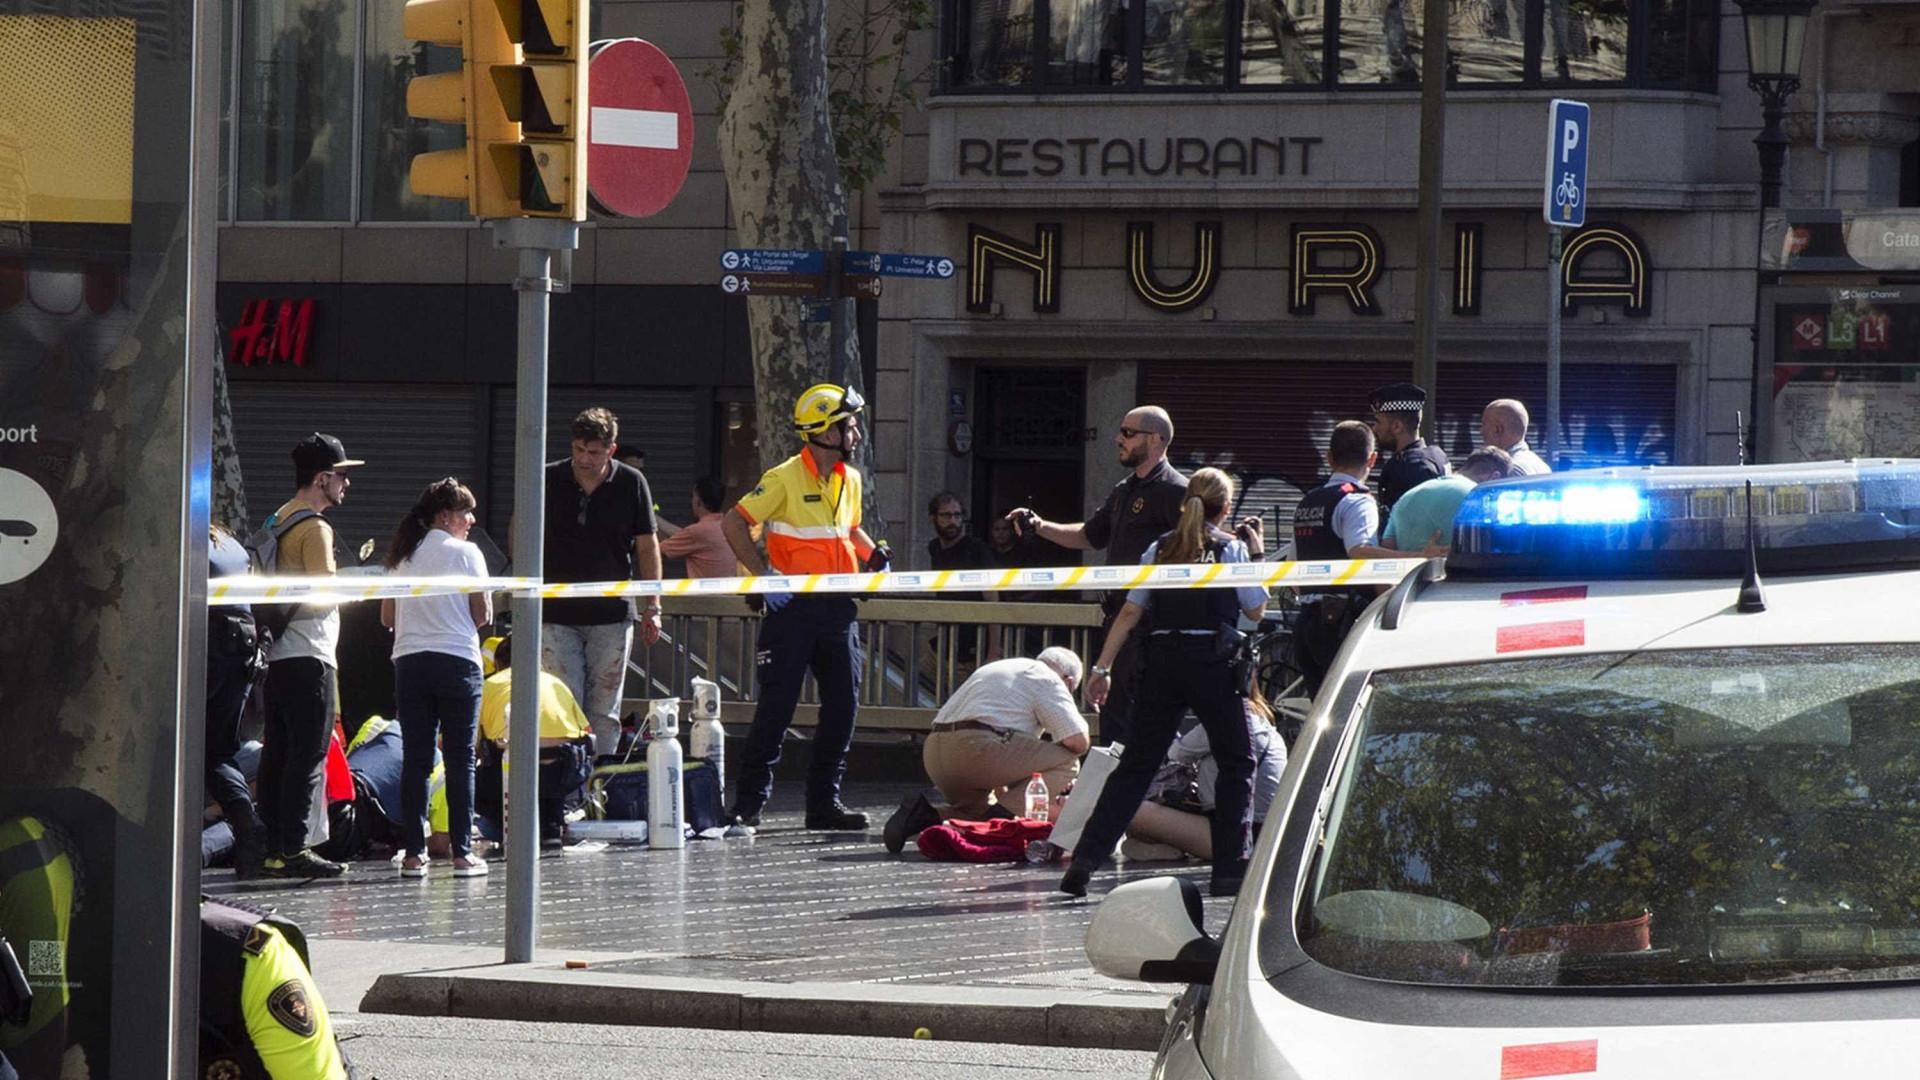 Brasileiro escapou de ataque e voltou ao local para ajudar vítimas